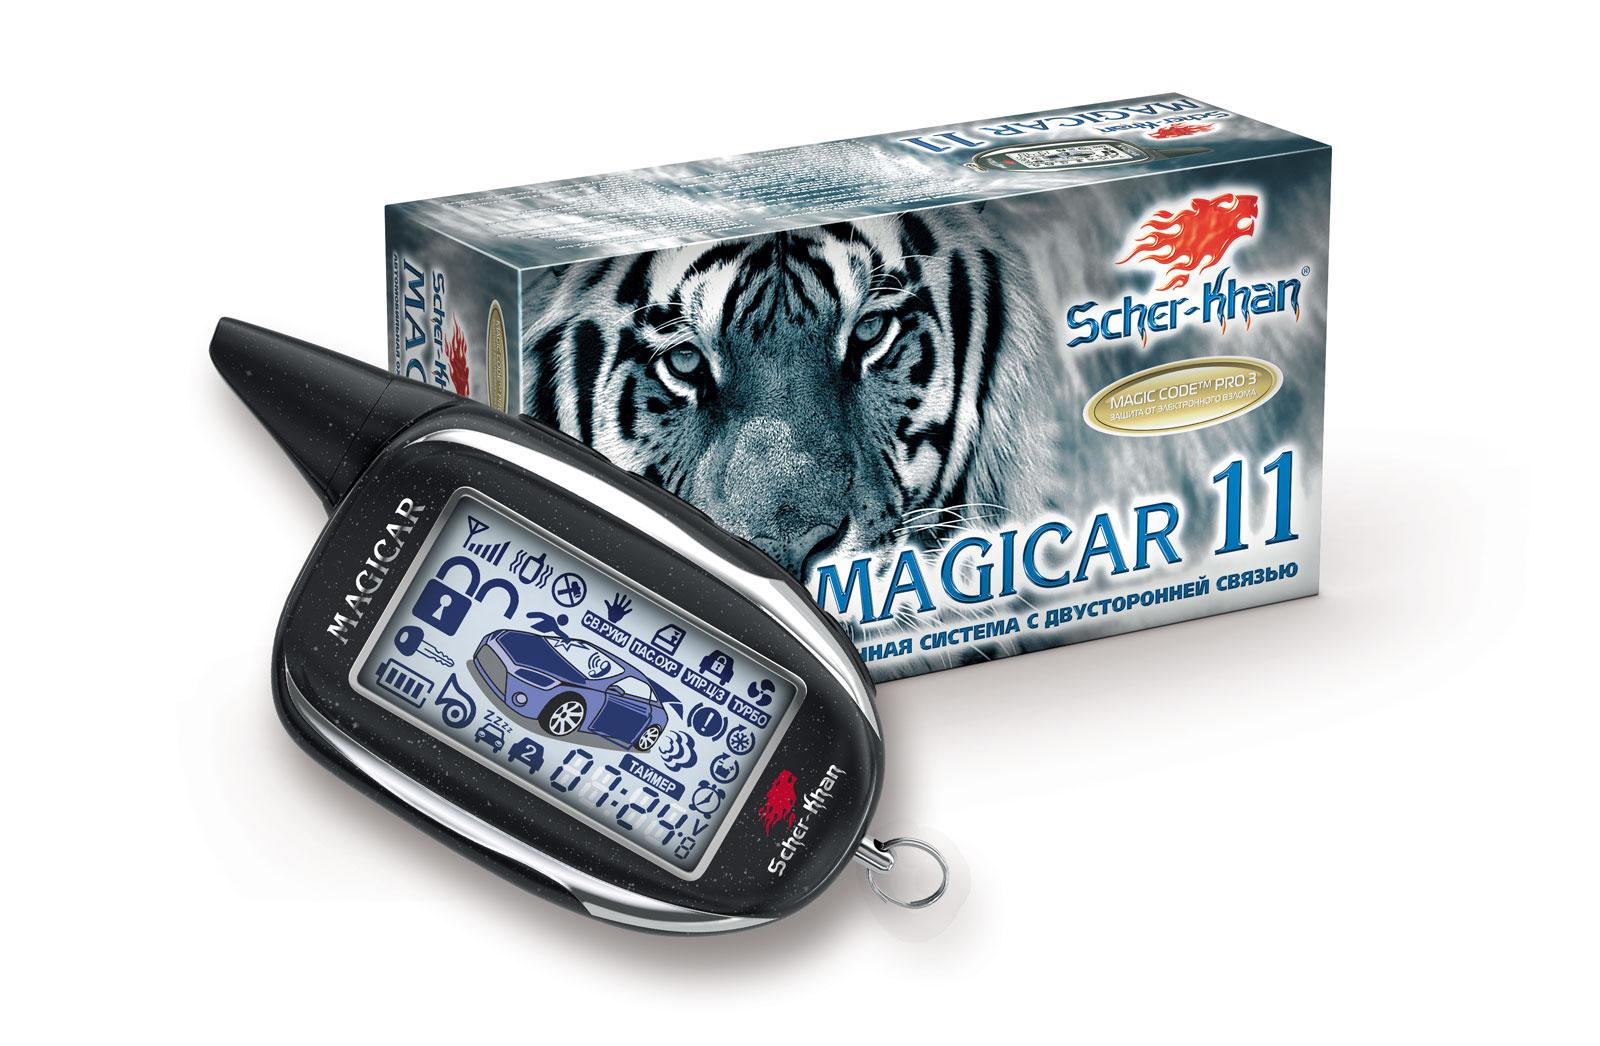 sk magicar 11